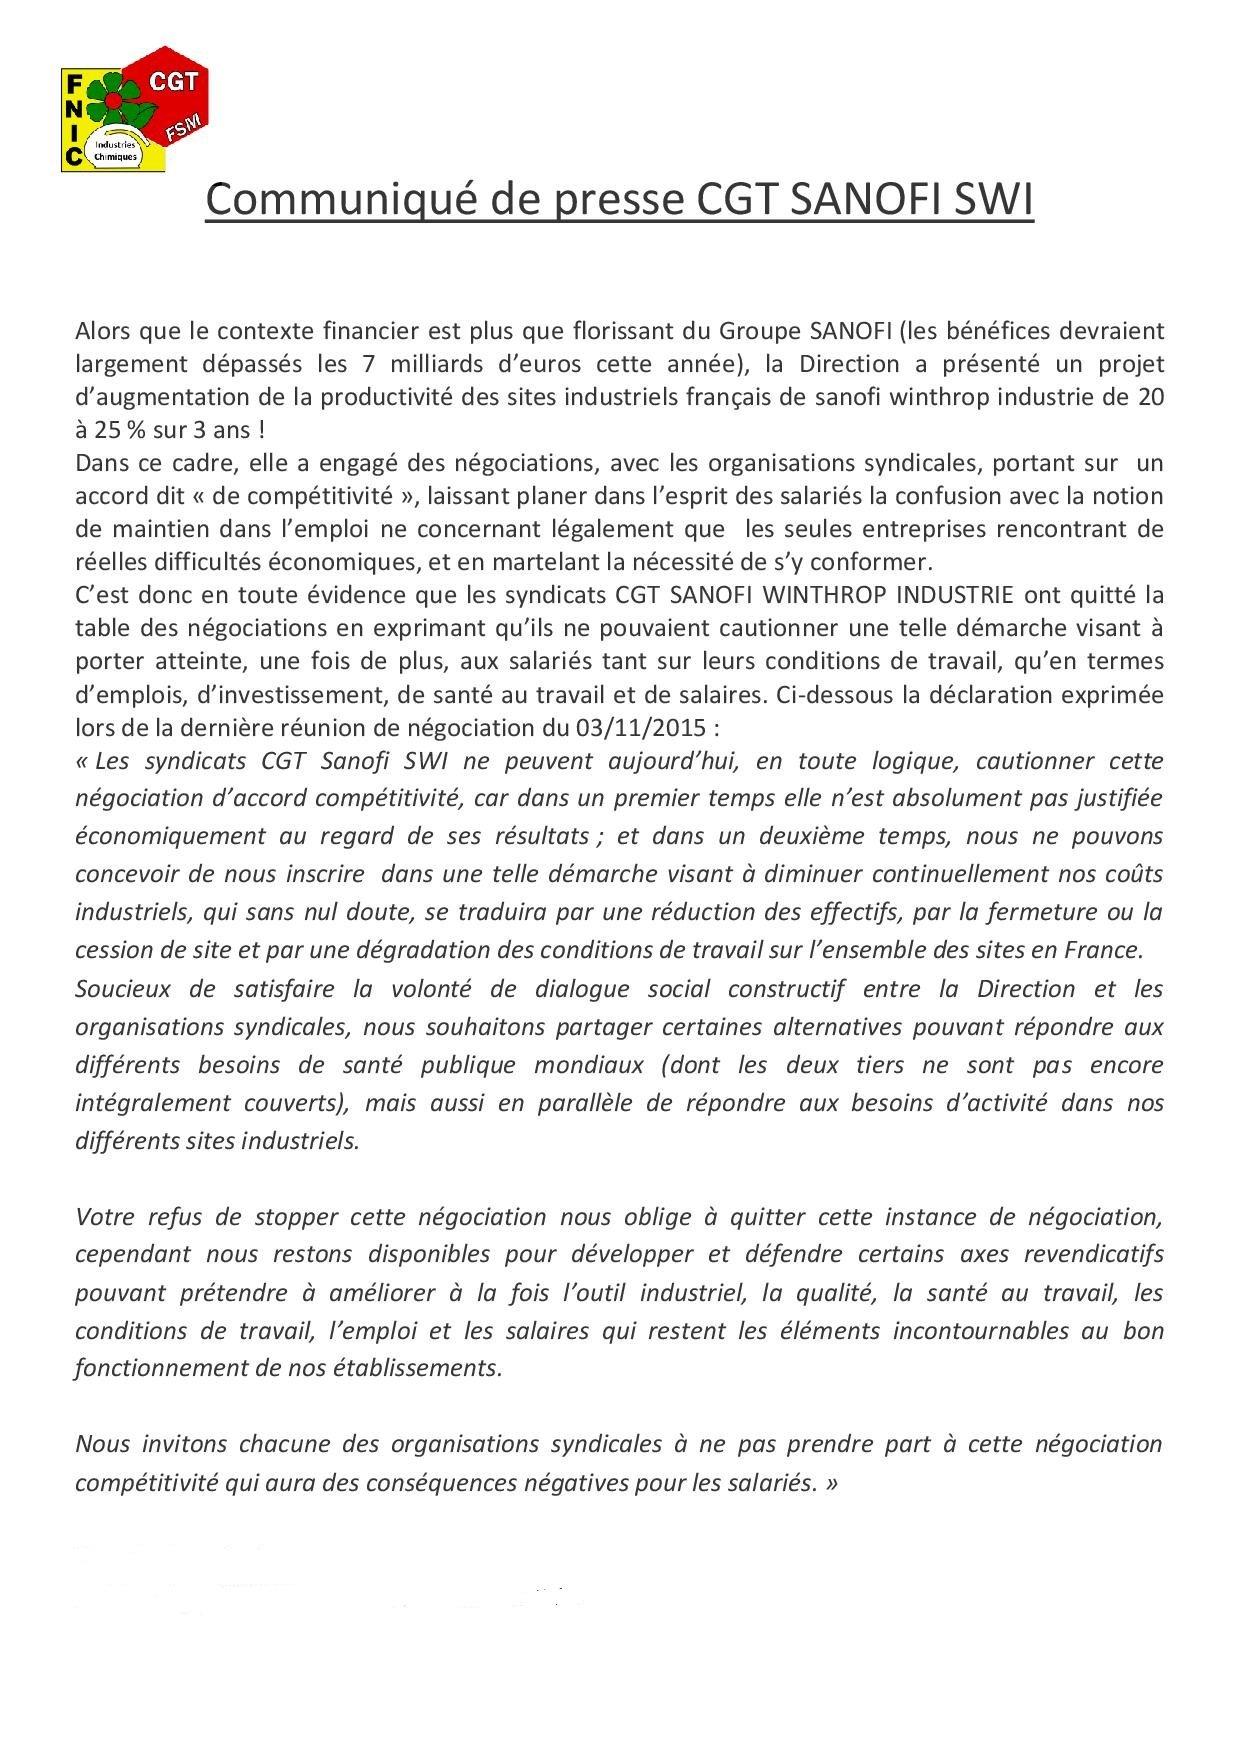 Communiqué de presse CGT SANOFI SWI competitivité